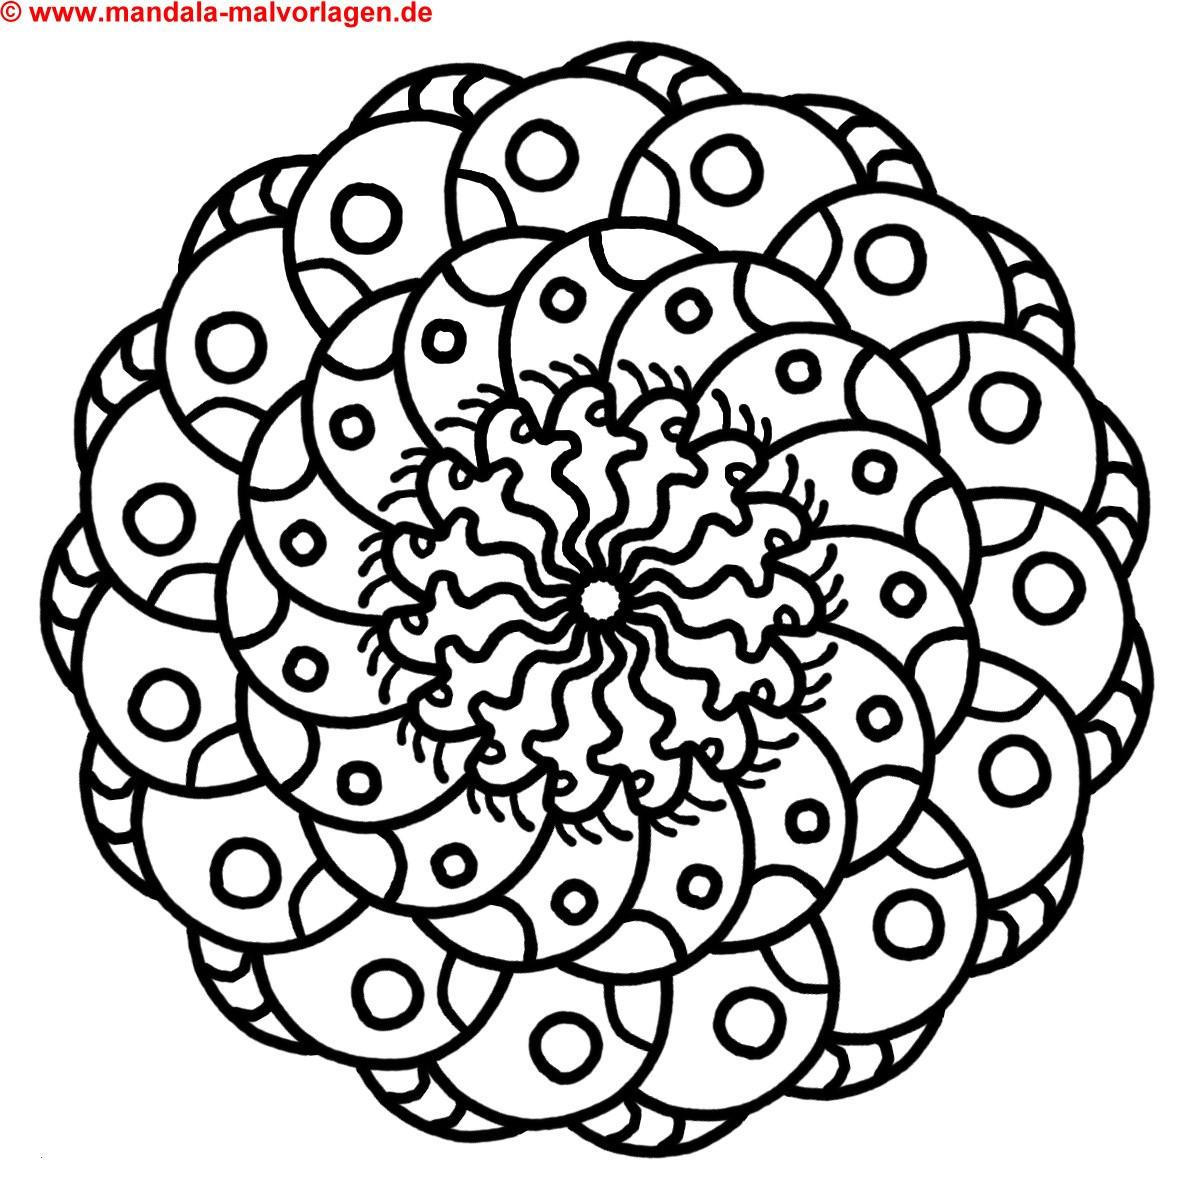 Ausmalbild Mandala Eule Frisch Eulen Malvorlagen Ausdrucken Schöne Ausmalbilder Malvorlagen Eule Bilder